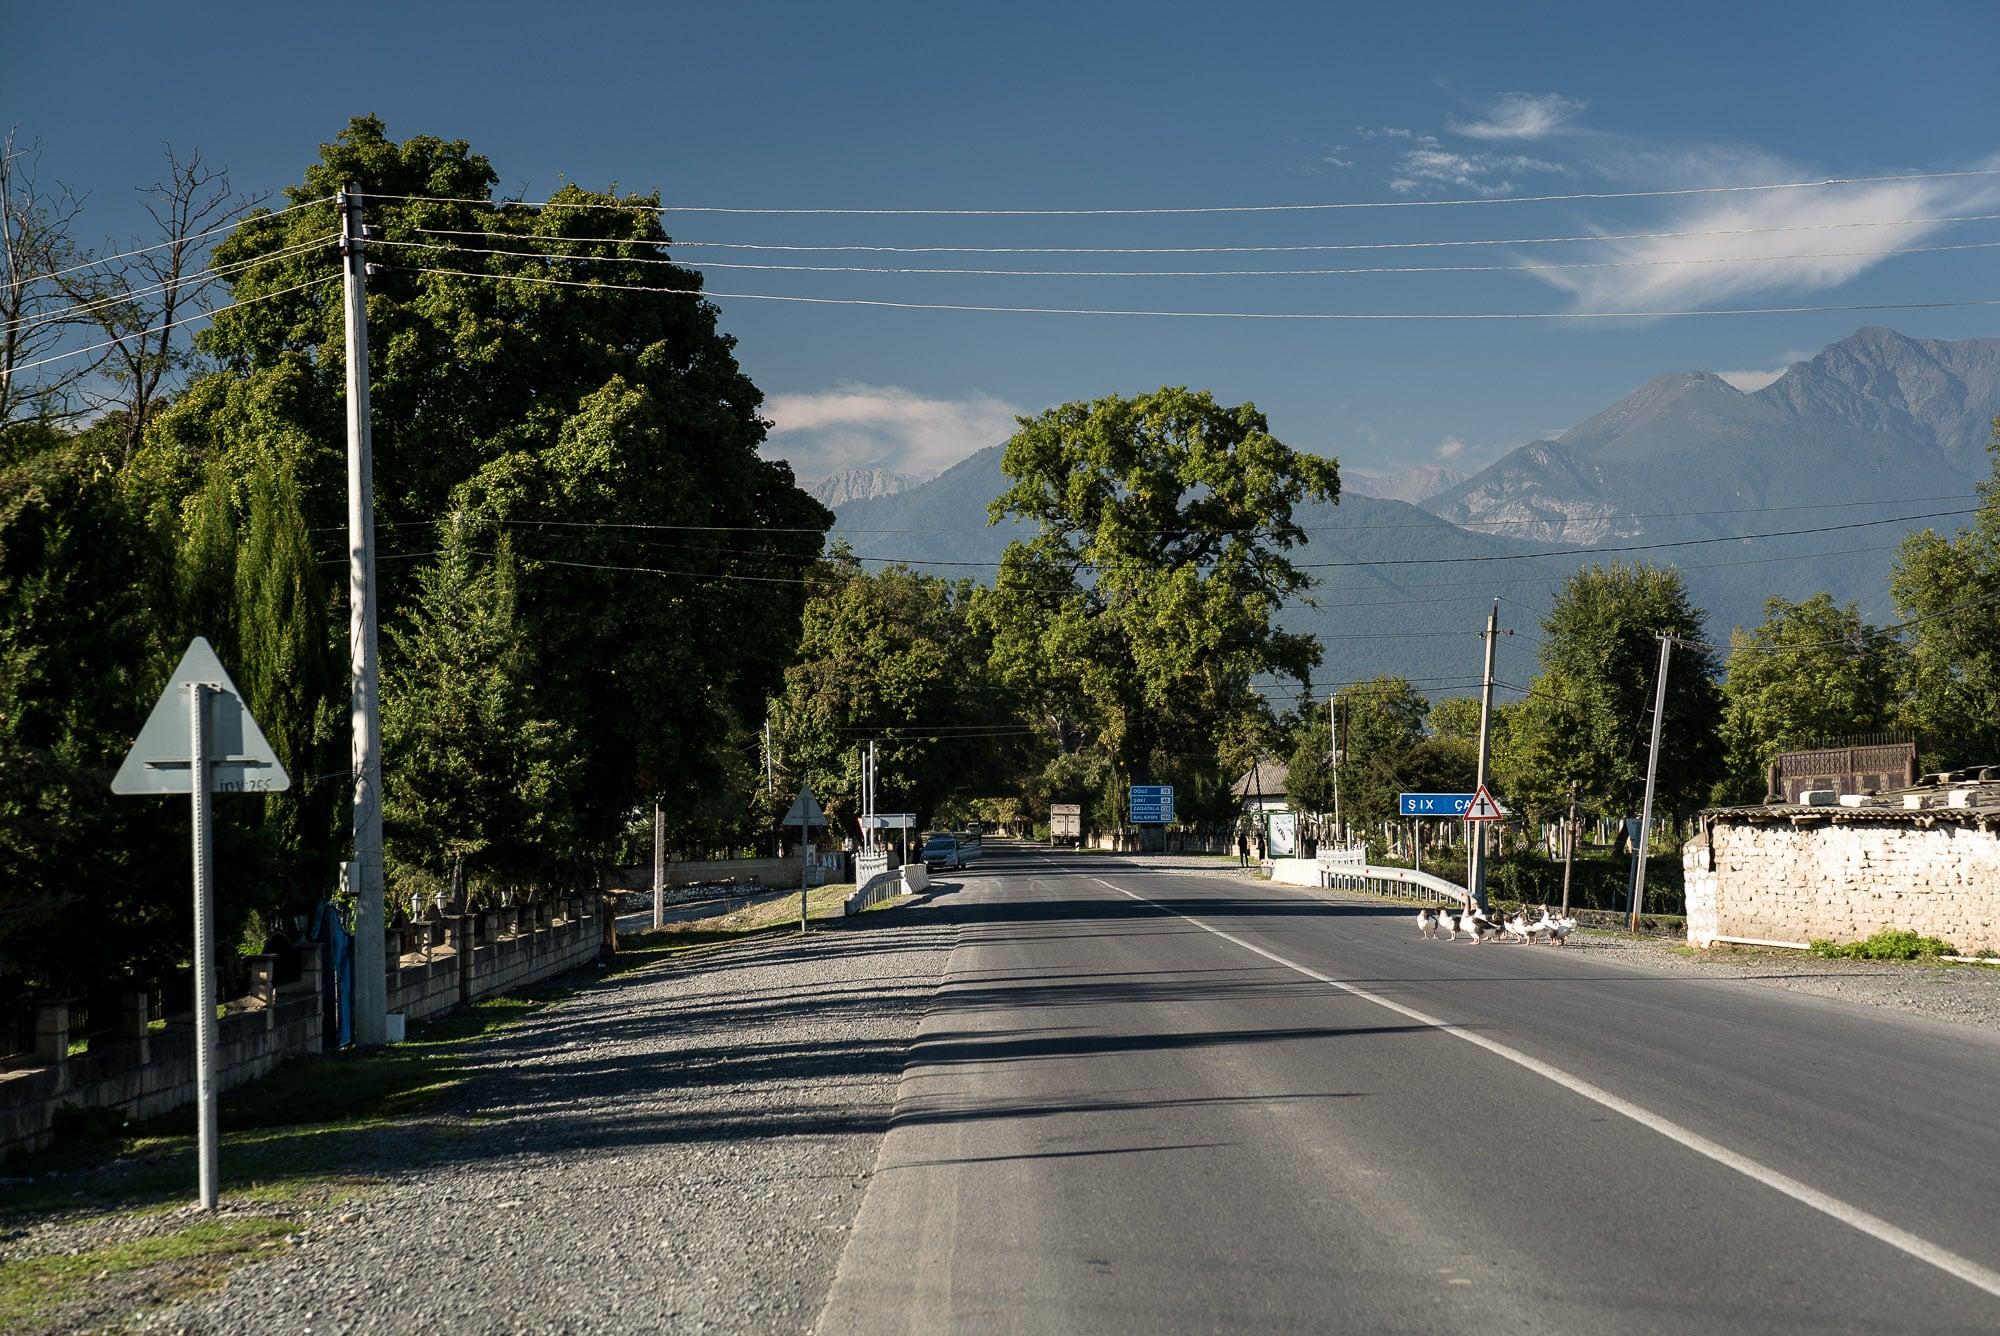 road in the Caucasus